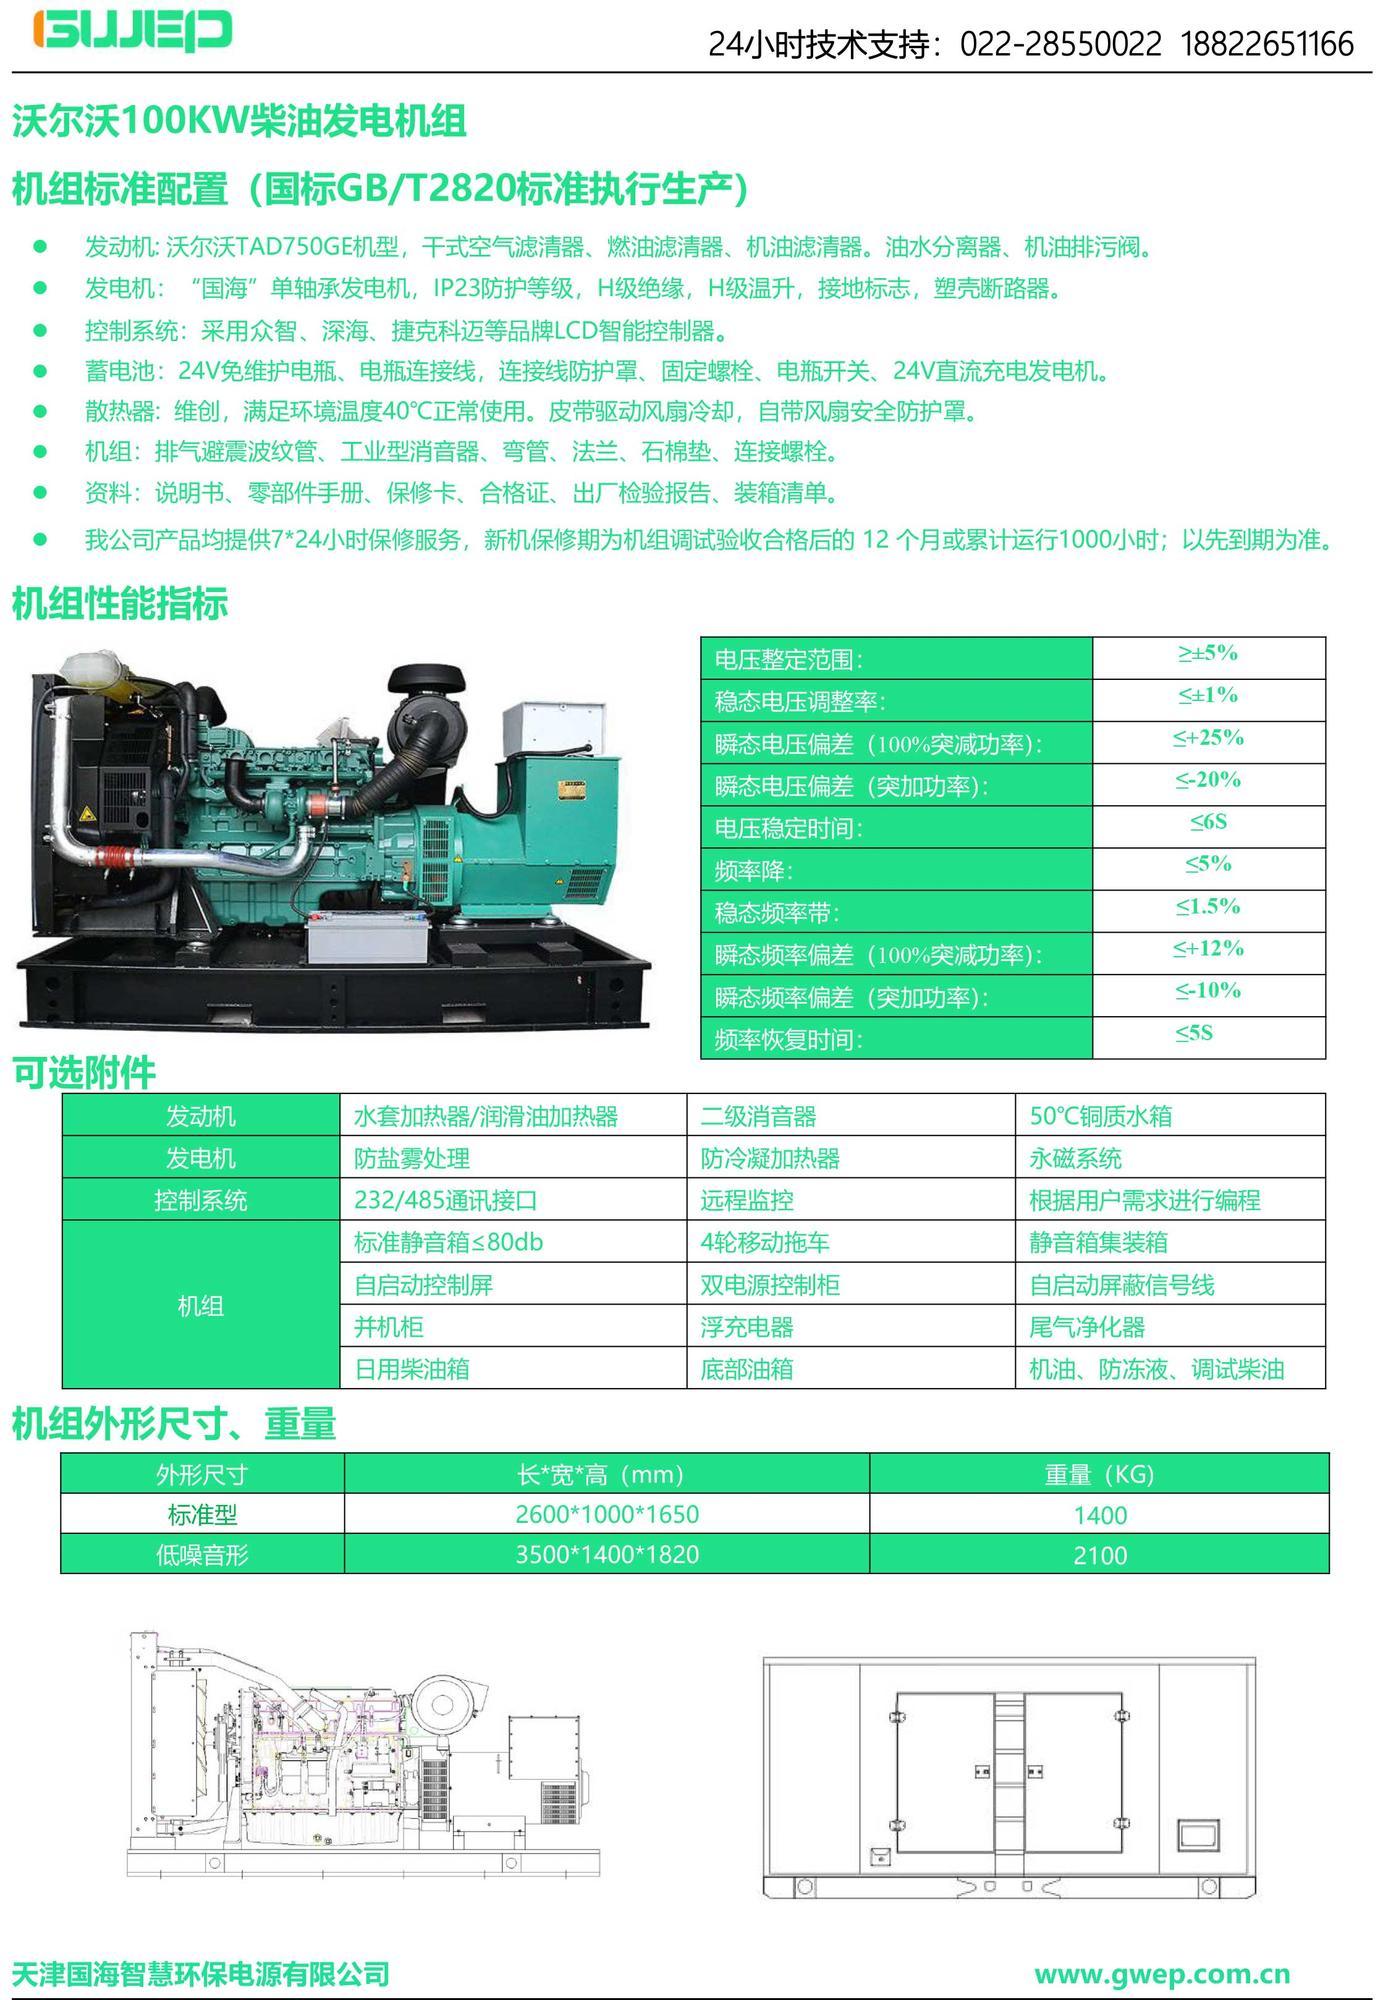 沃尔沃100KW发电机组技术资料-1.jpg